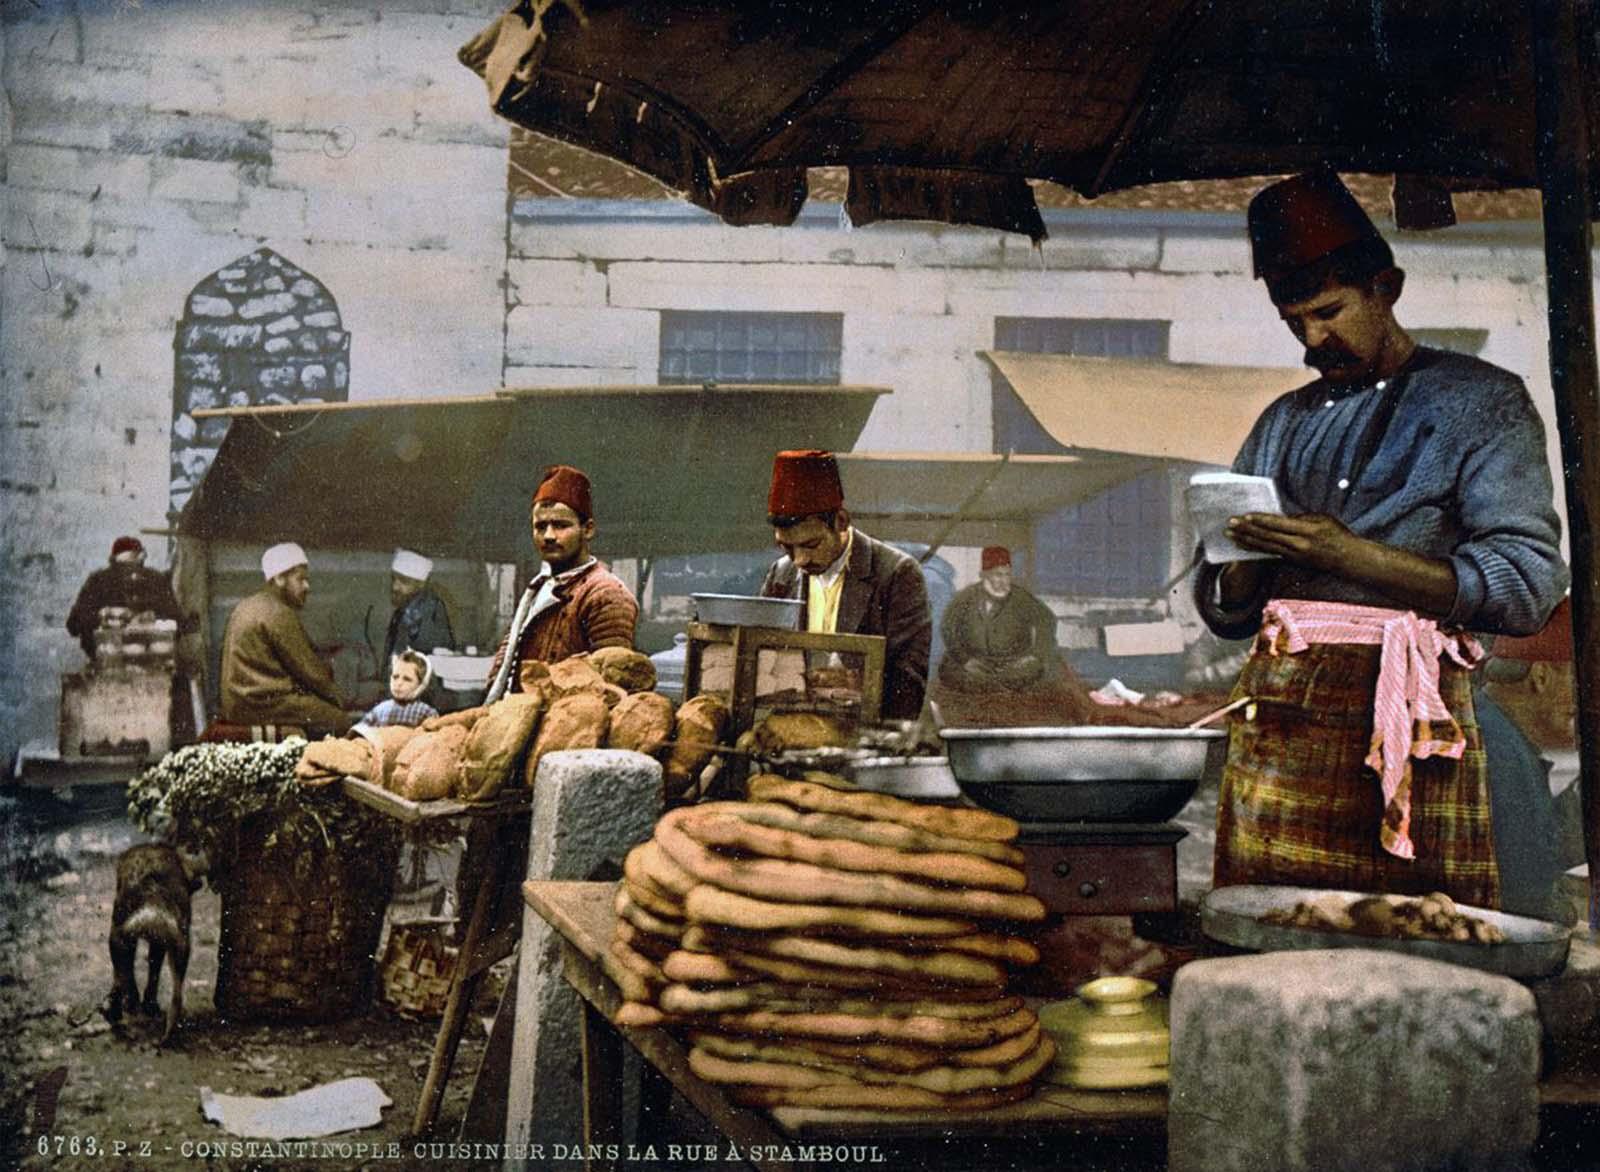 A cook in the Rue de Stamboul.